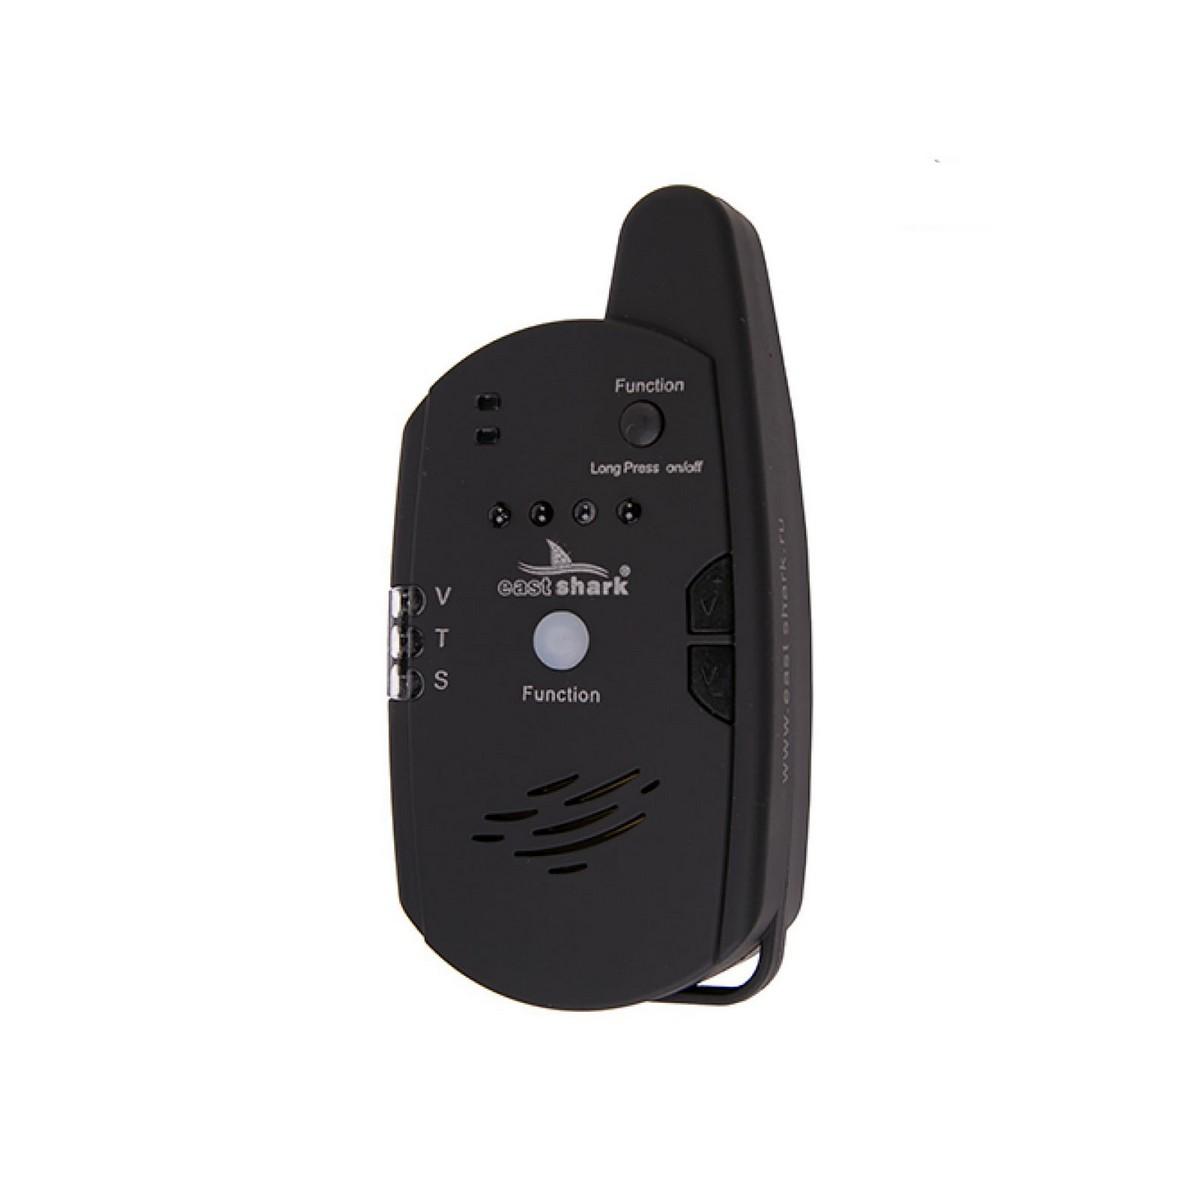 Комплект безжични сигнализатори Easrshark TLI28 4+1